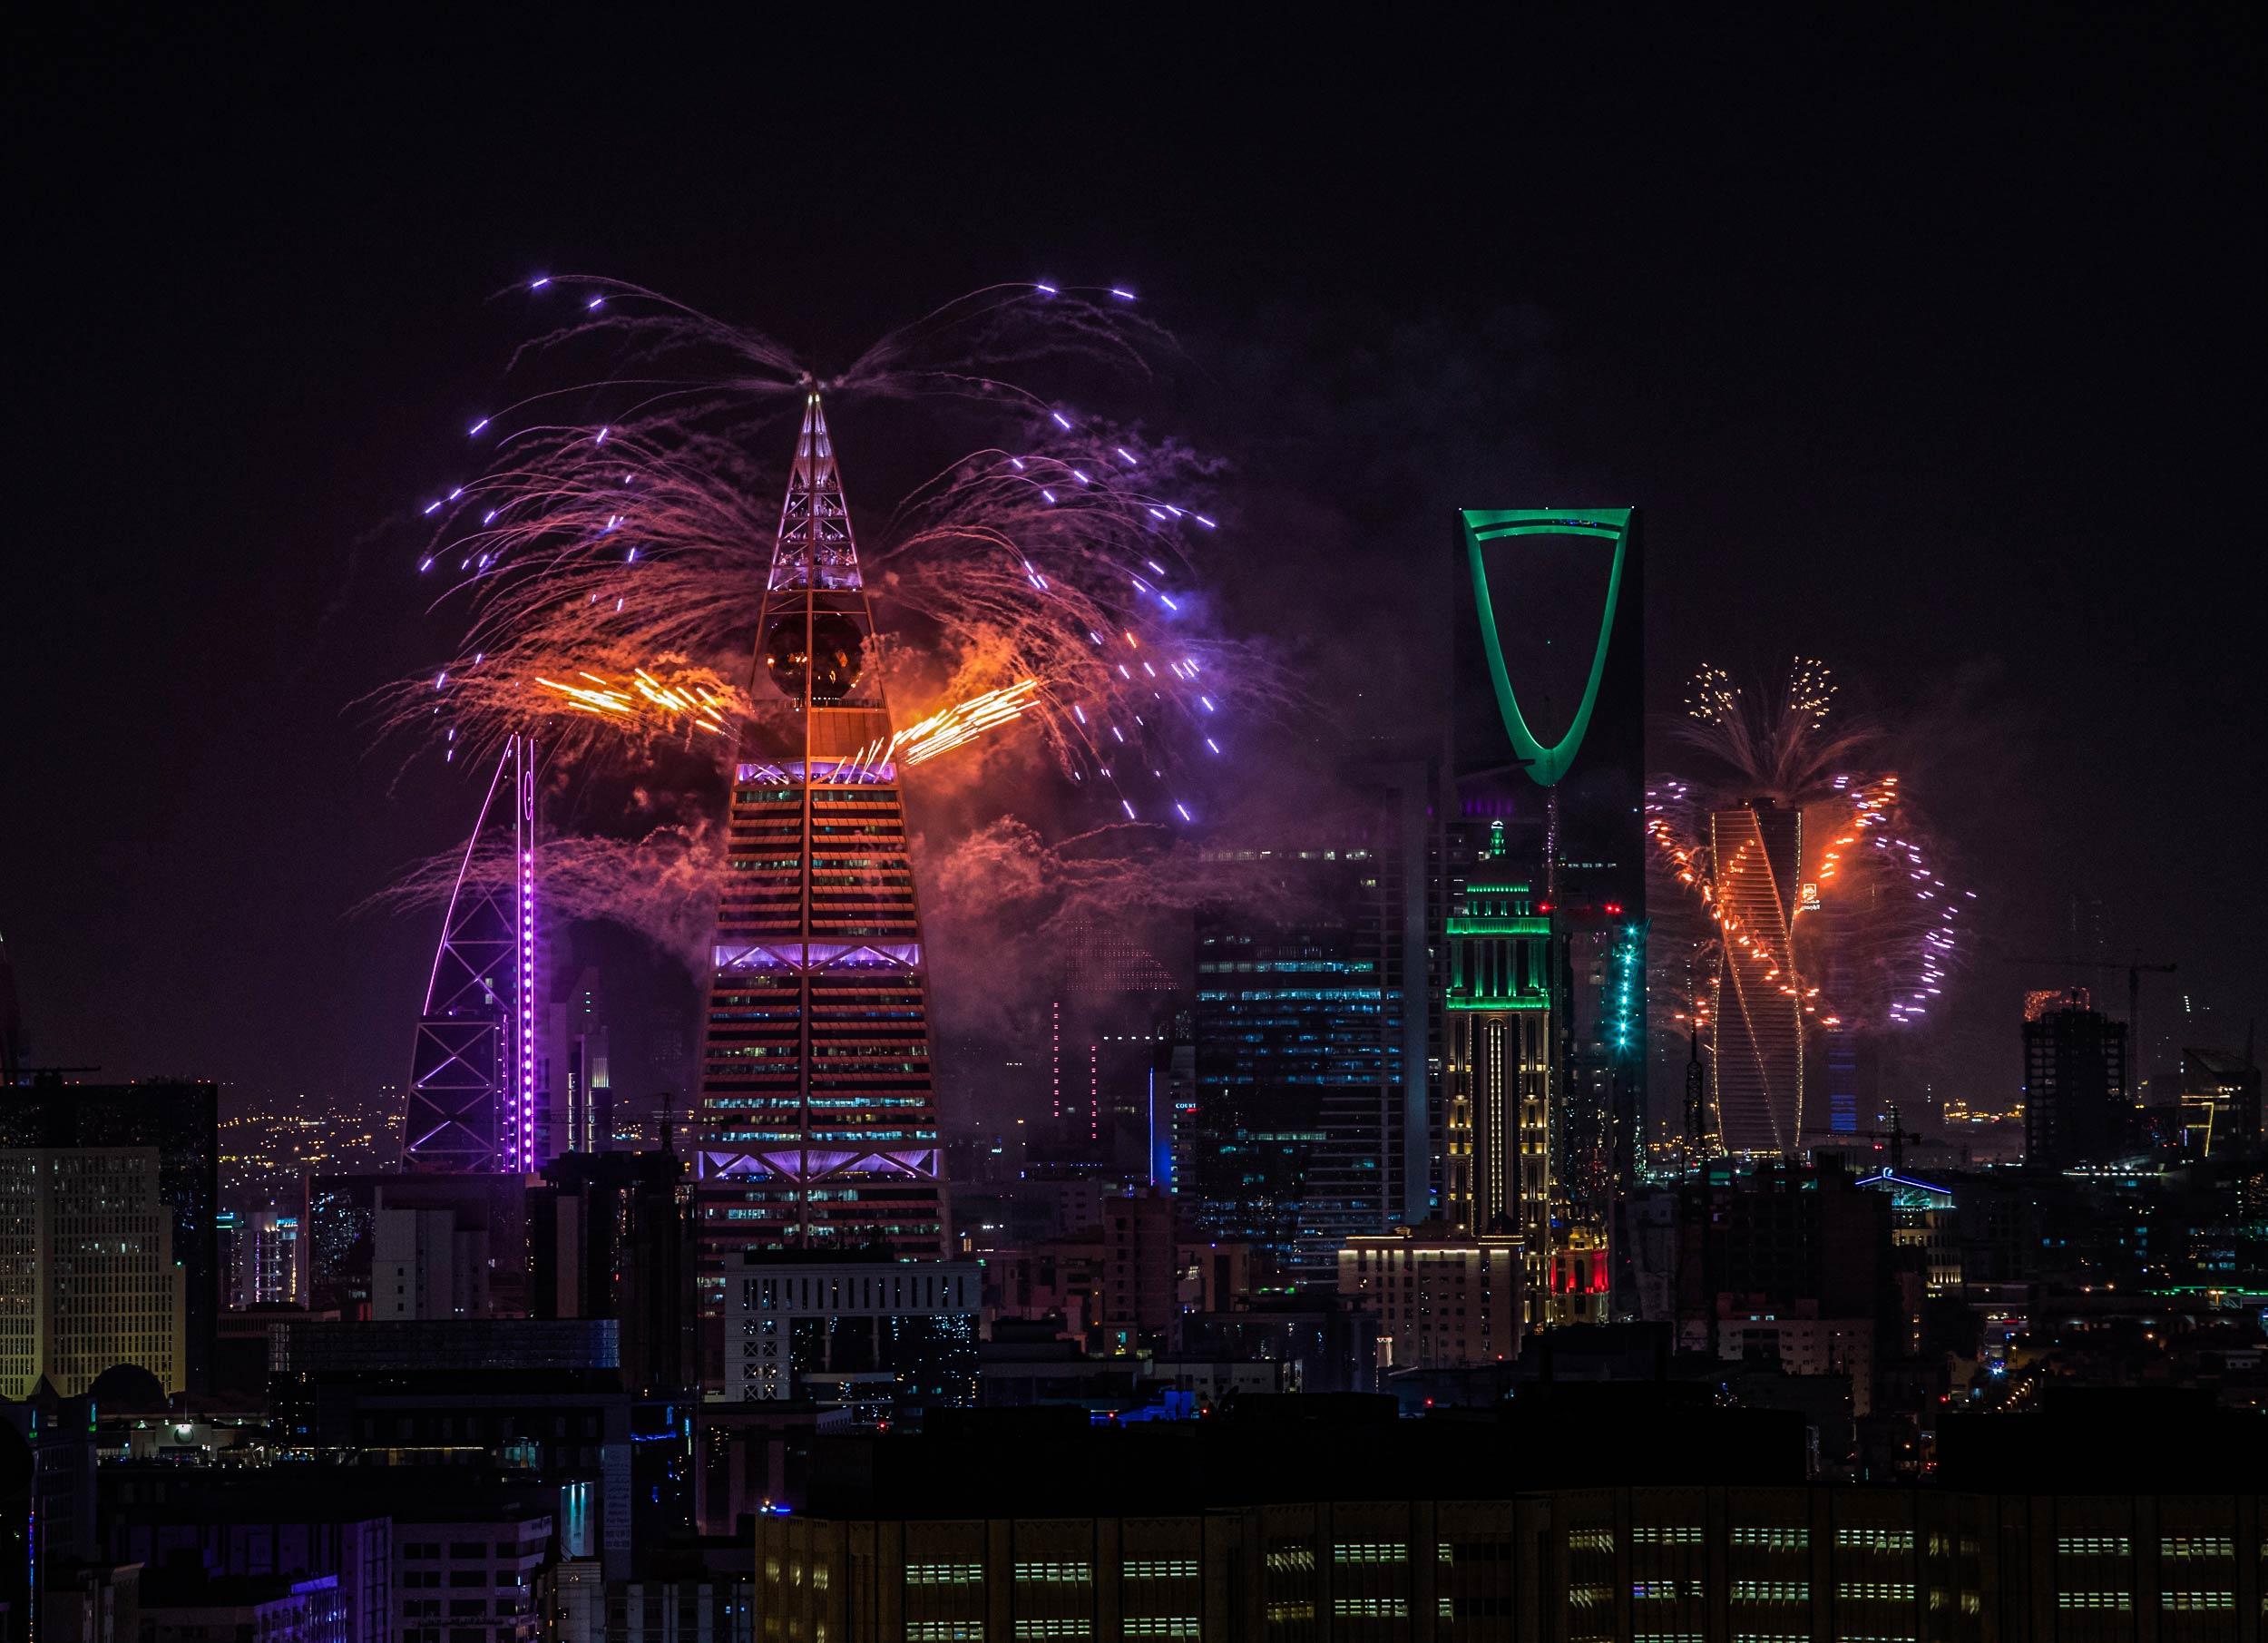 Riyadh night sky with fireworks